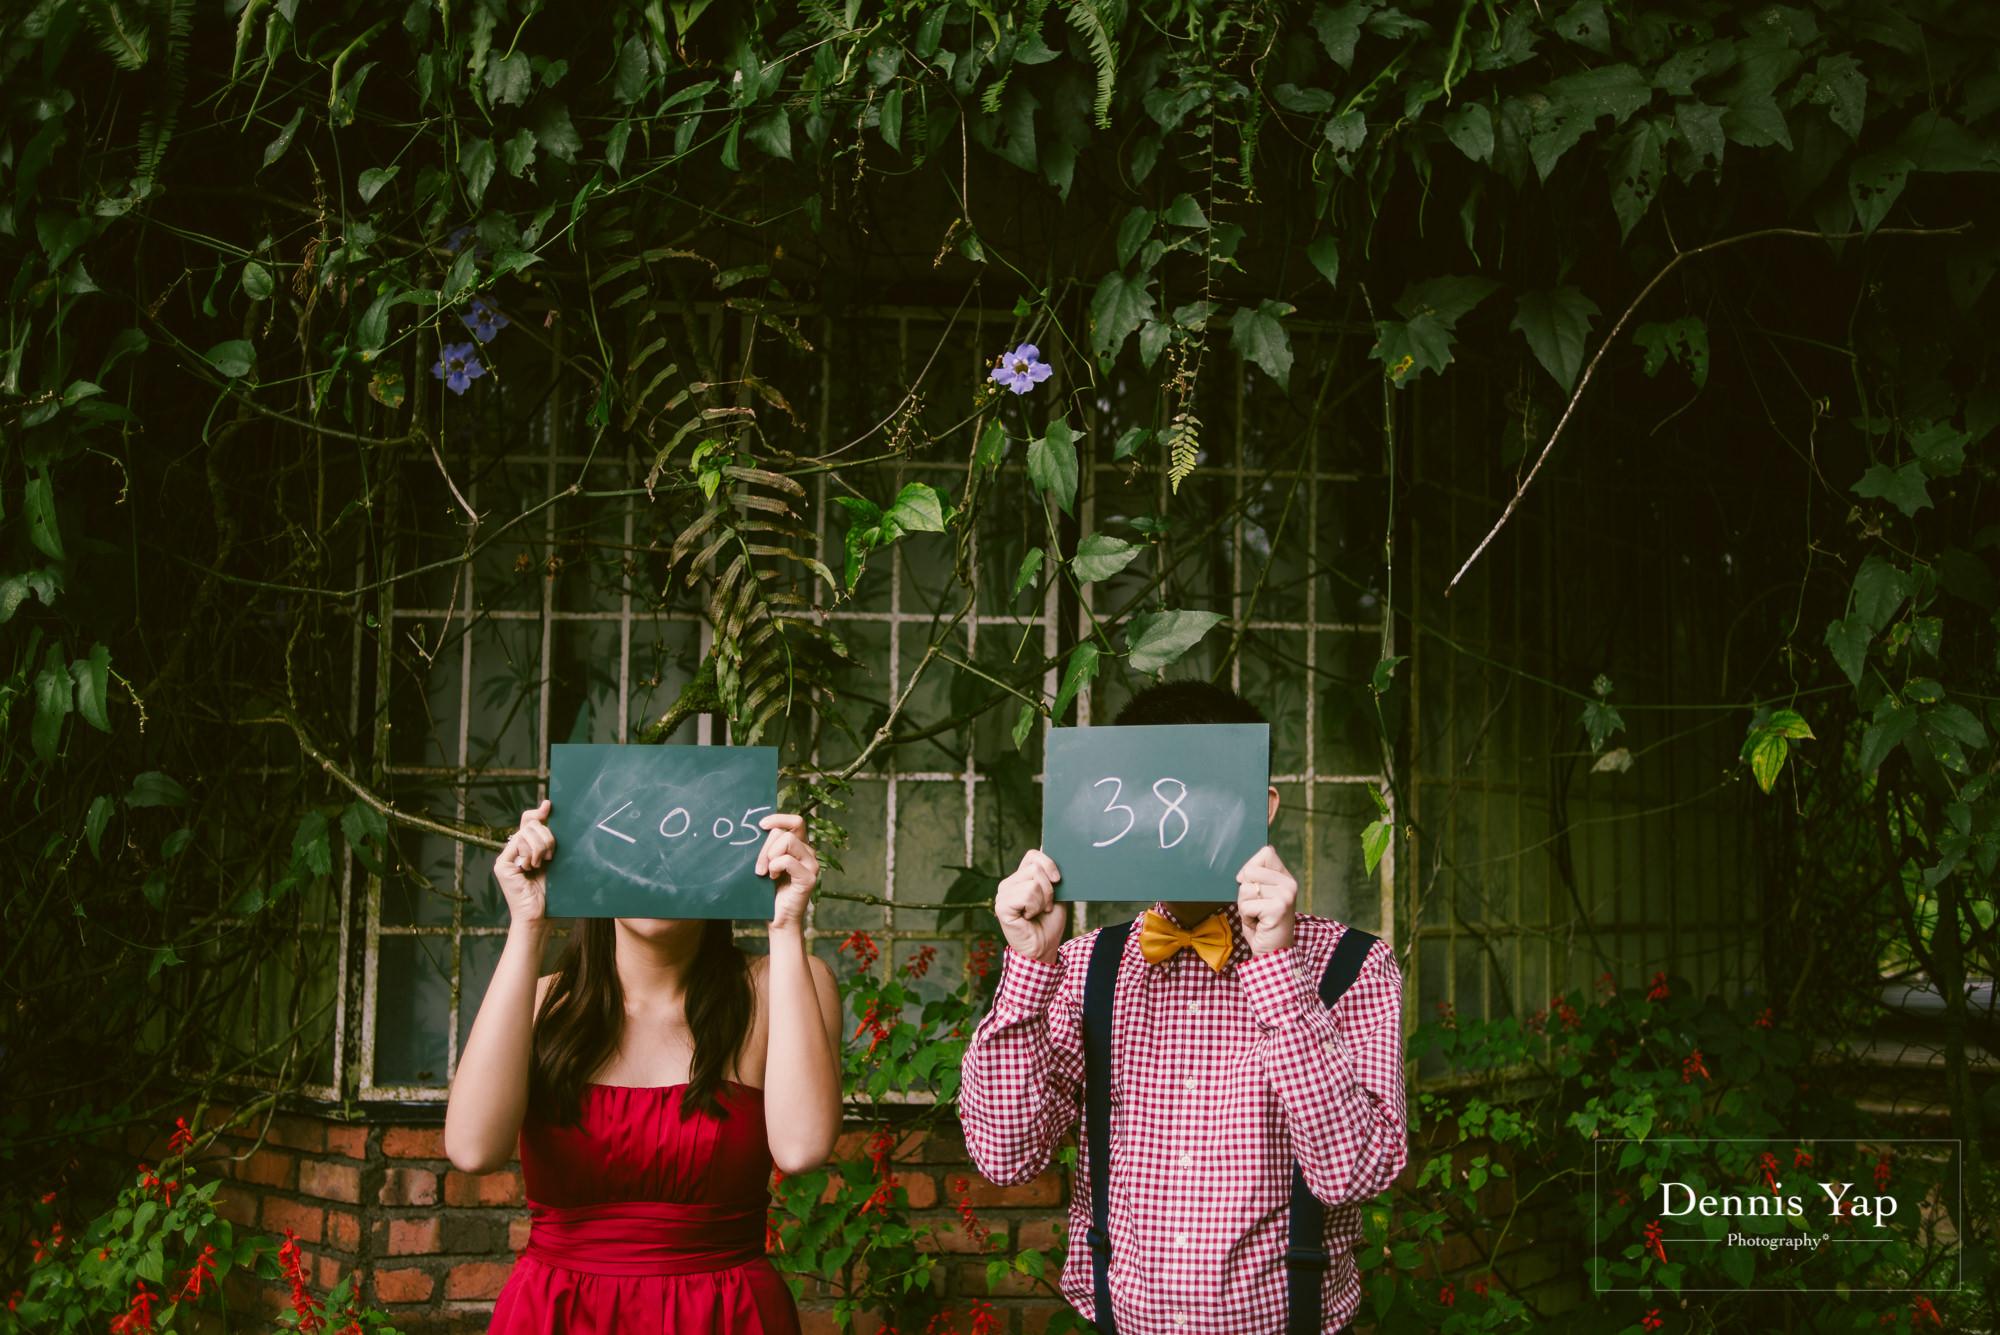 chay xiang alicia pre wedding cameron highland smoke house tea plantation dennis yap photography-11.jpg